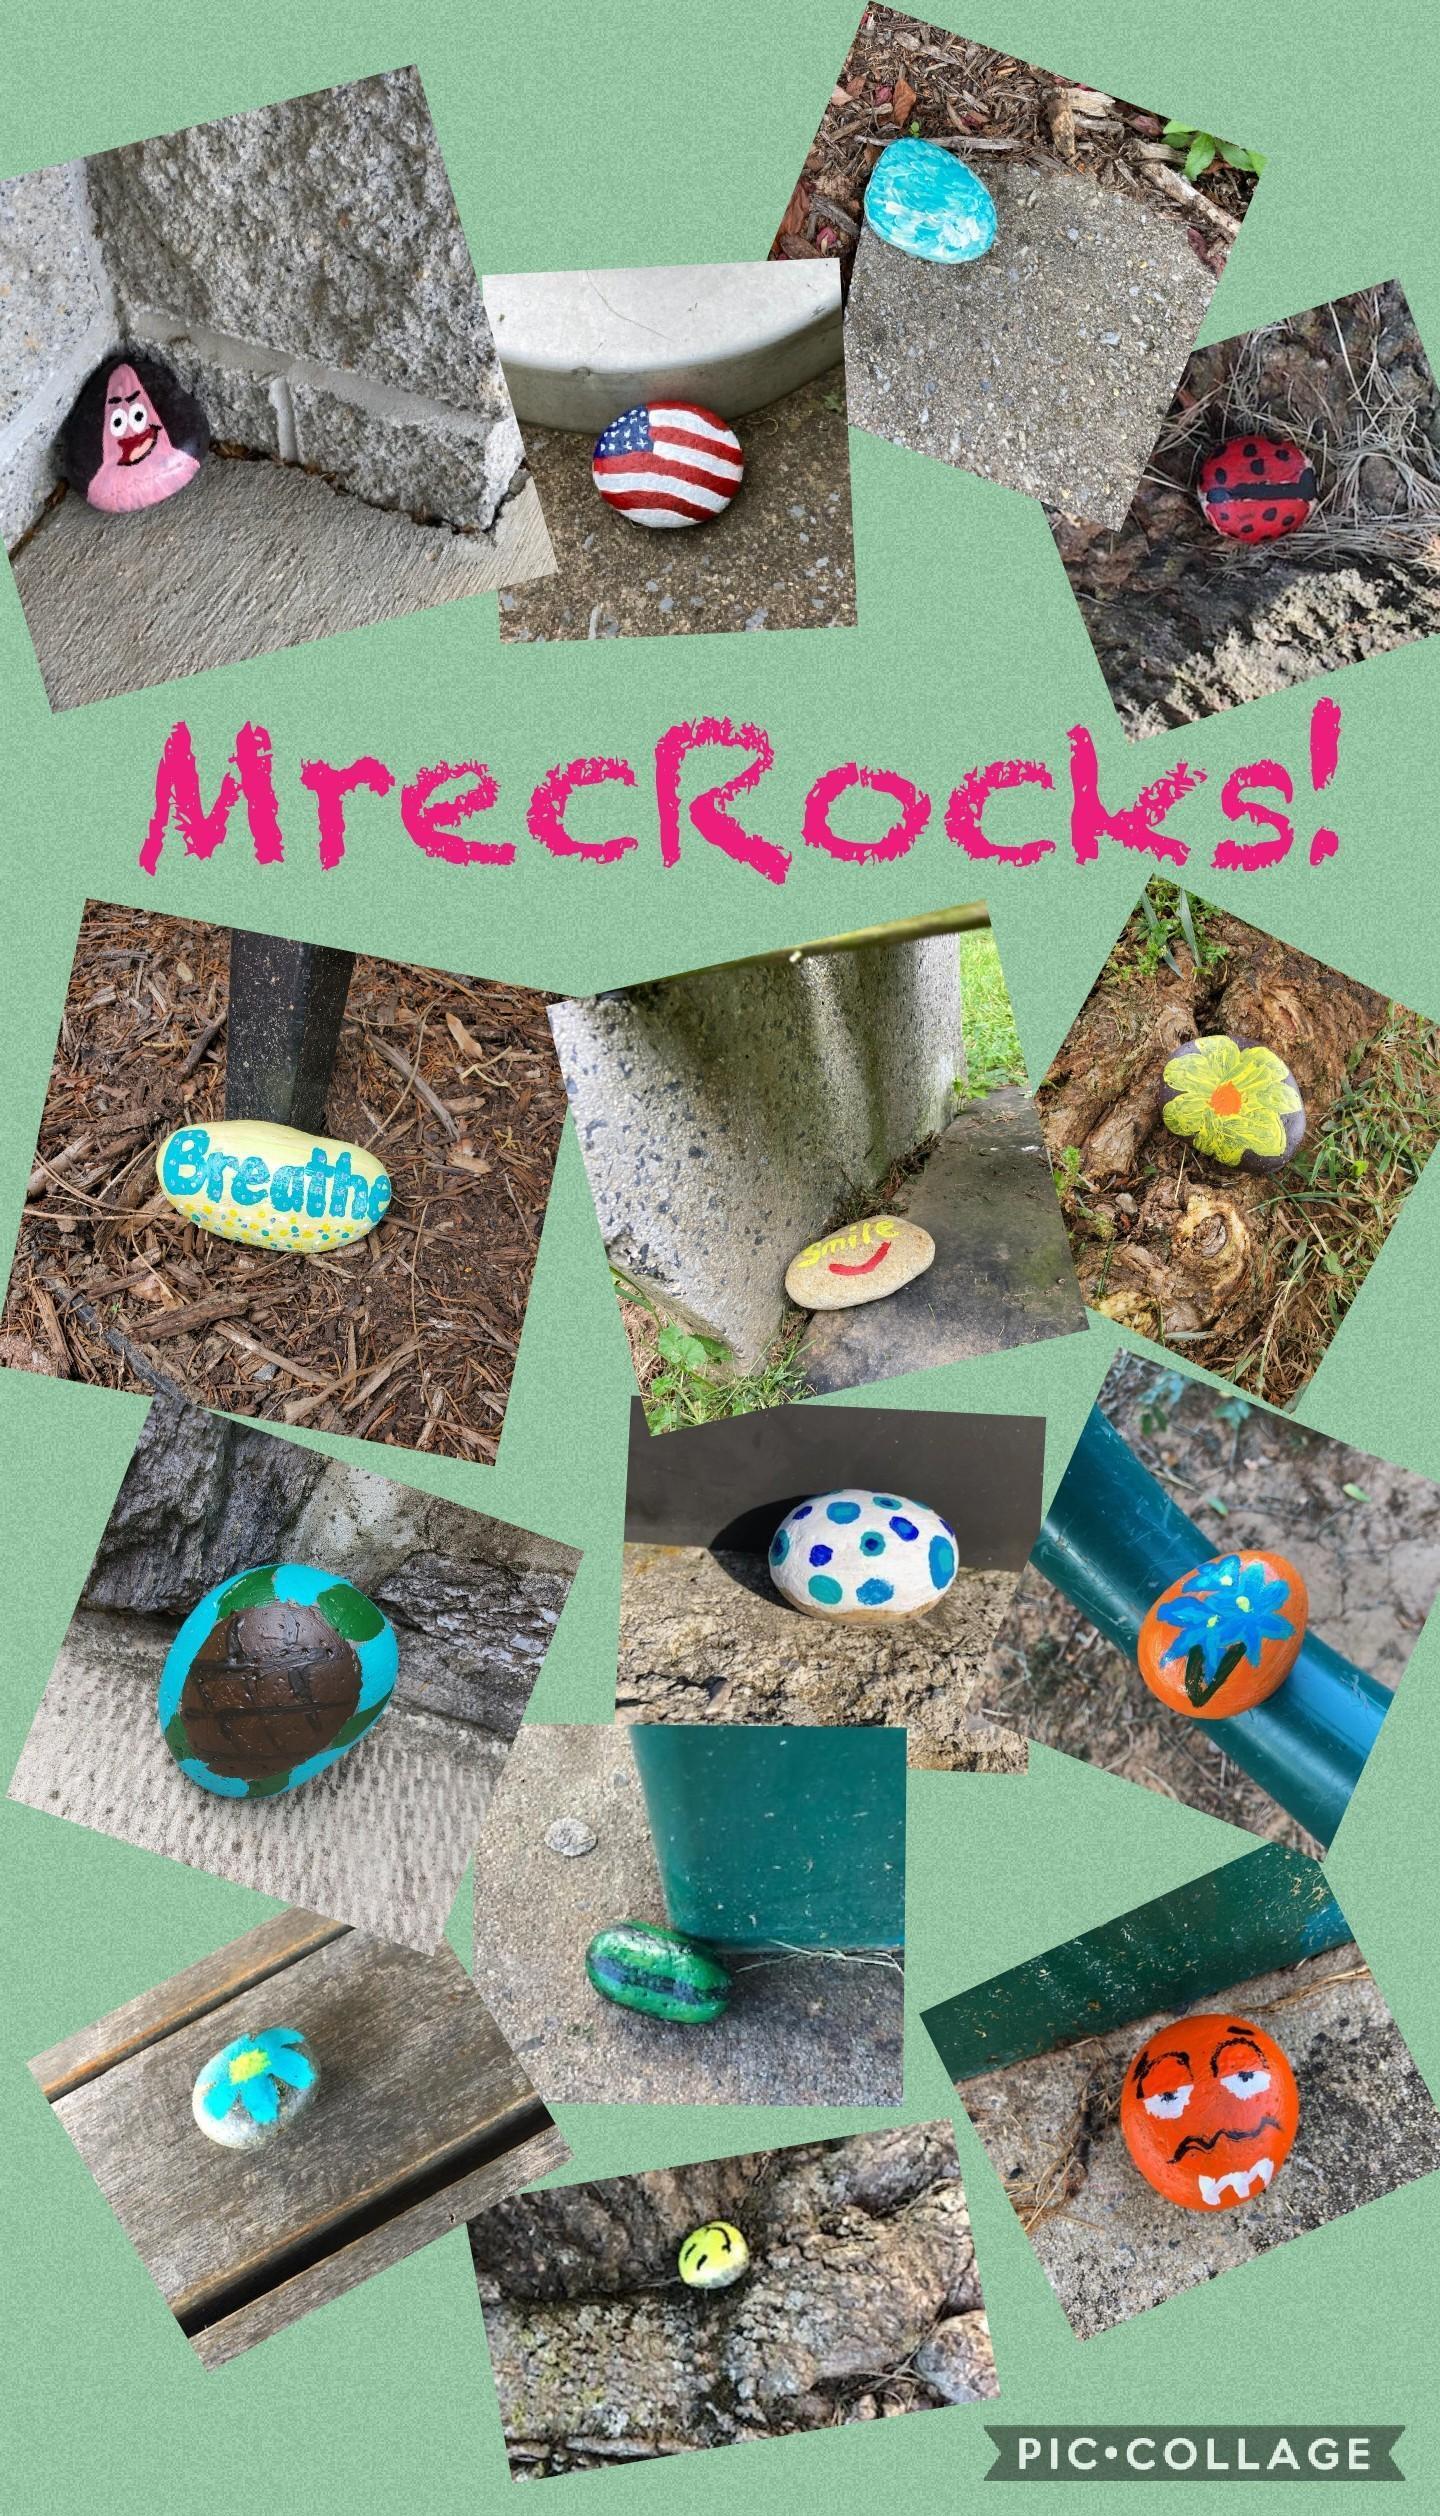 MrecRocks!